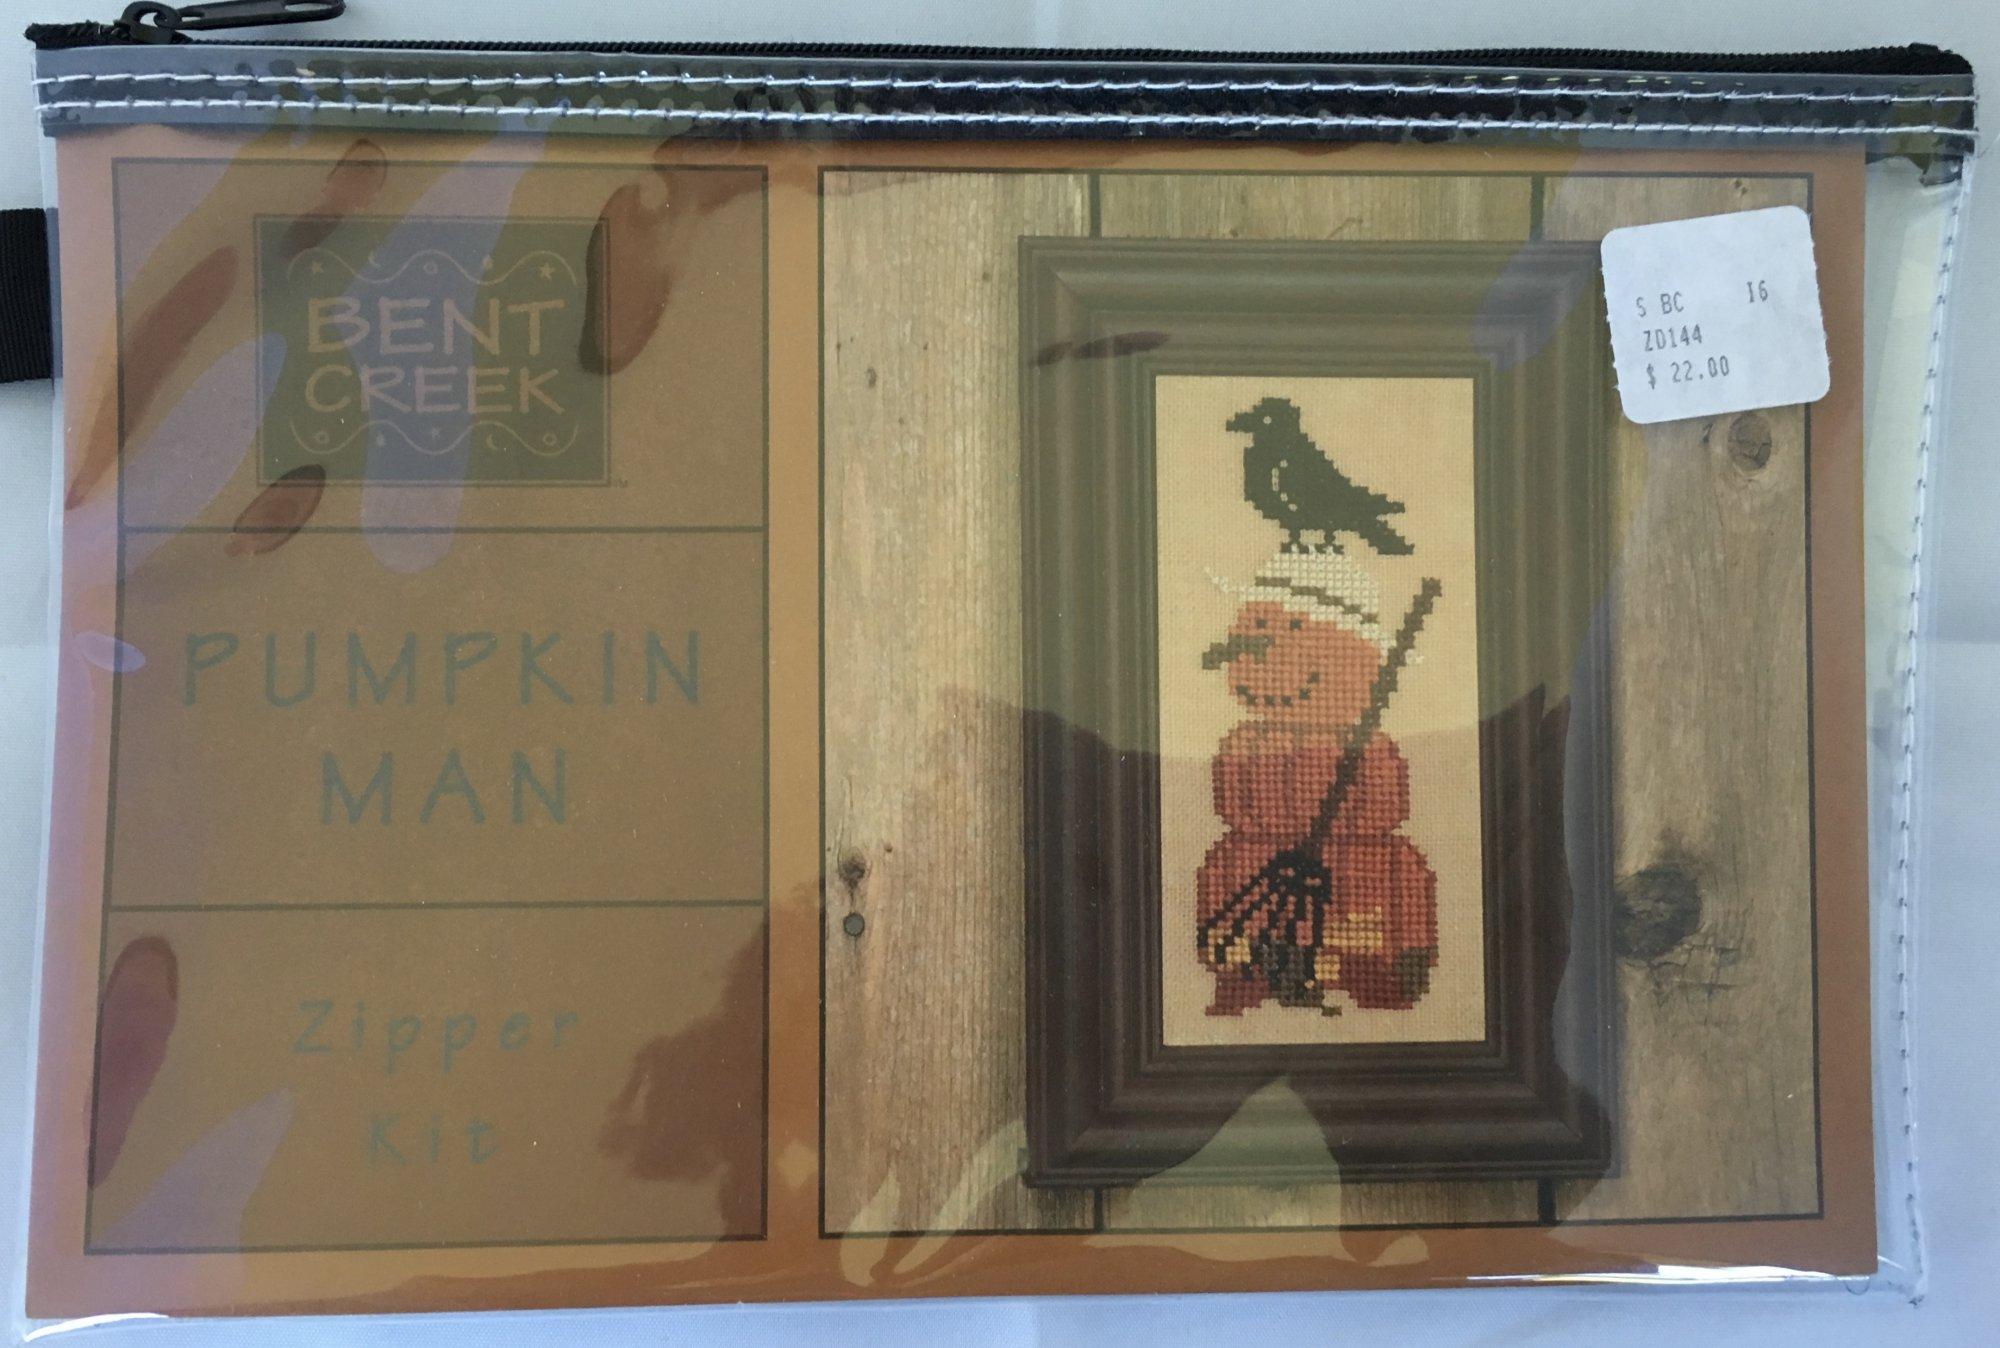 Bent Creek: Pumpkin Man Zipper Kit